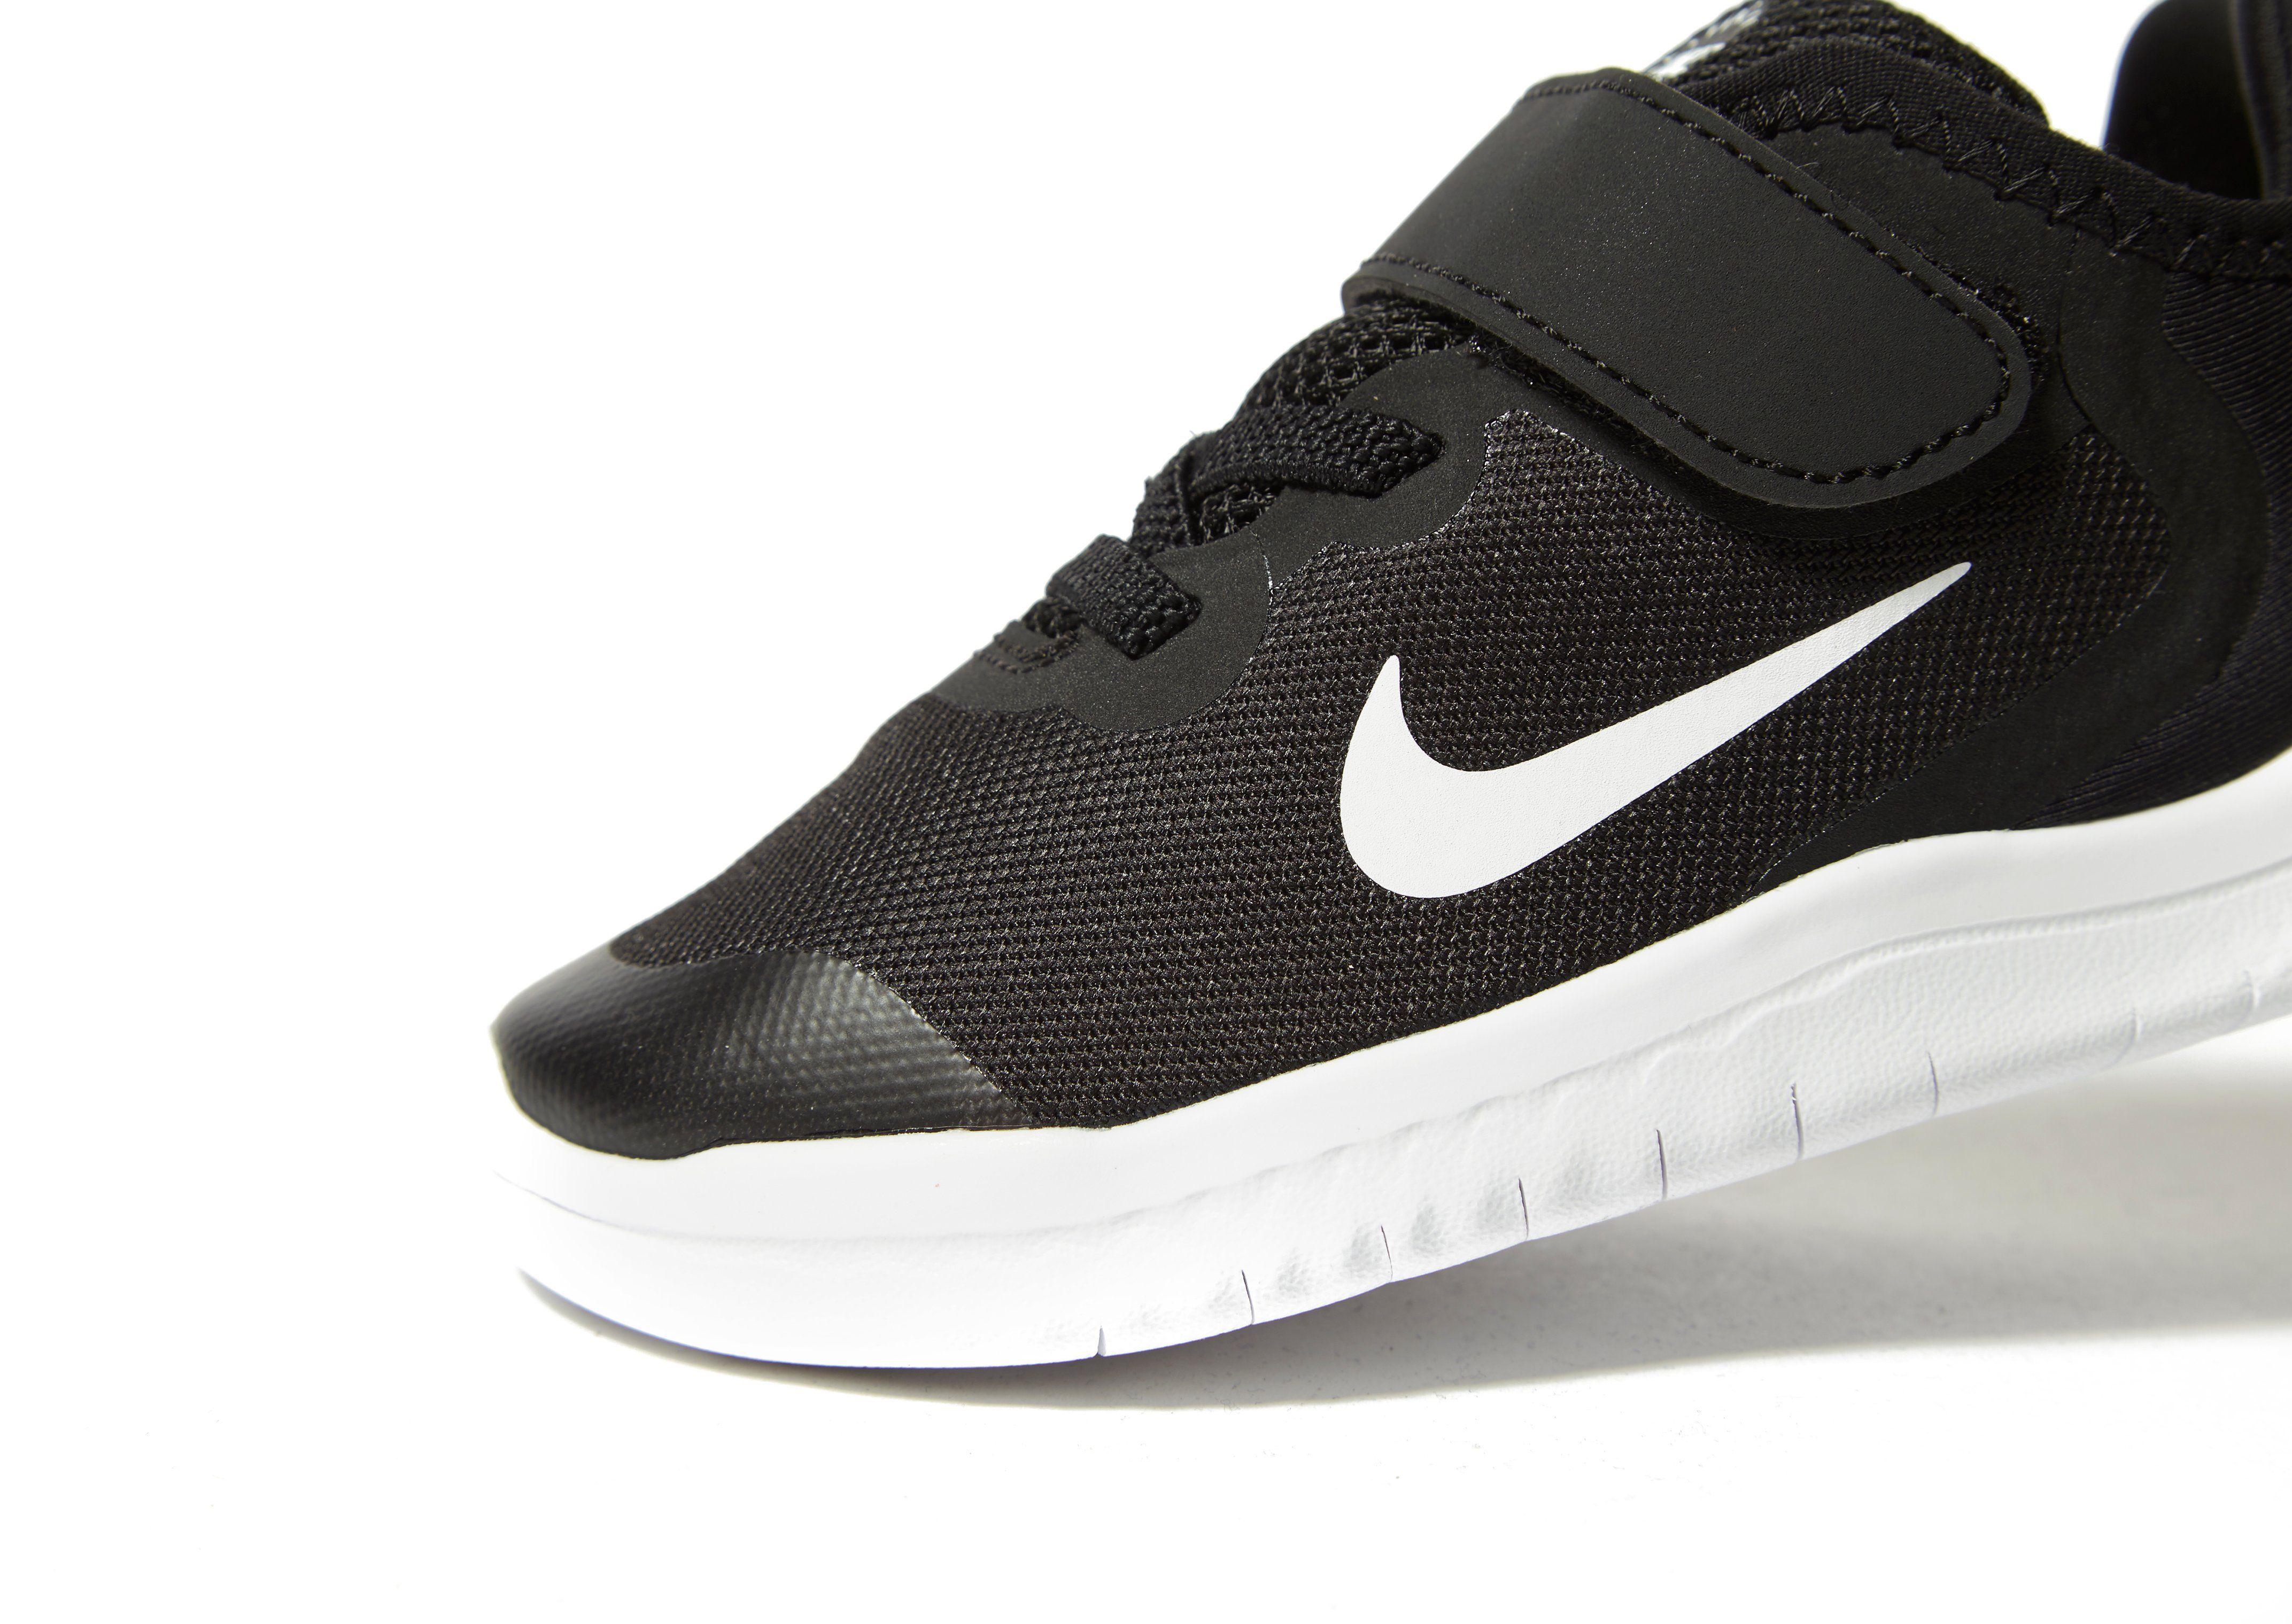 Nike Free RN 2018 Infant Schwarz Hochwertige Billig Günstig Kaufen Spielraum iUNWAg7MJ9